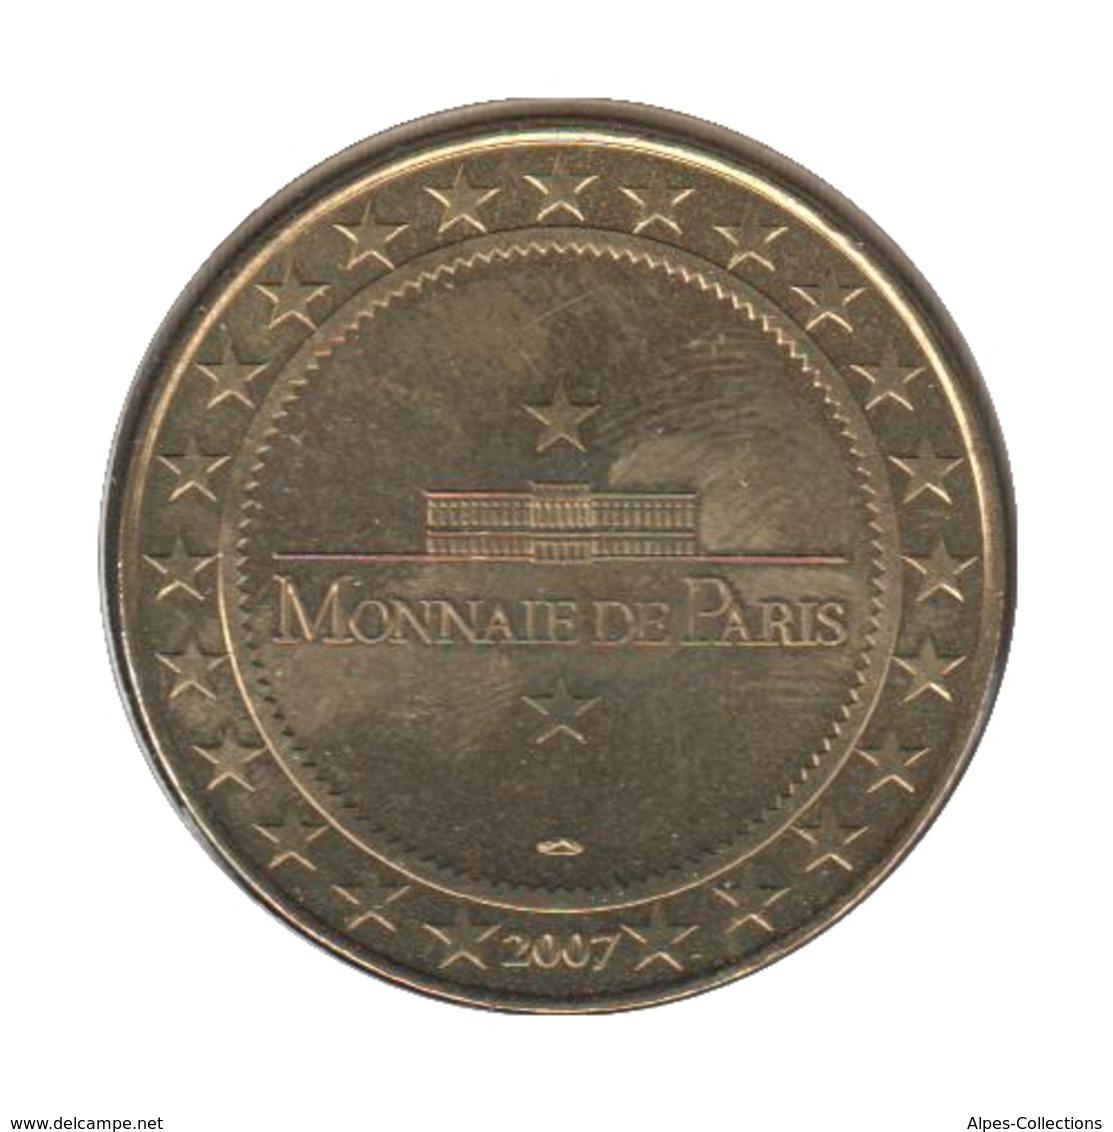 33001 - MEDAILLE TOURISTIQUE MONNAIE DE PARIS 33 - La Duna Du Pyla - 2007 - Monnaie De Paris